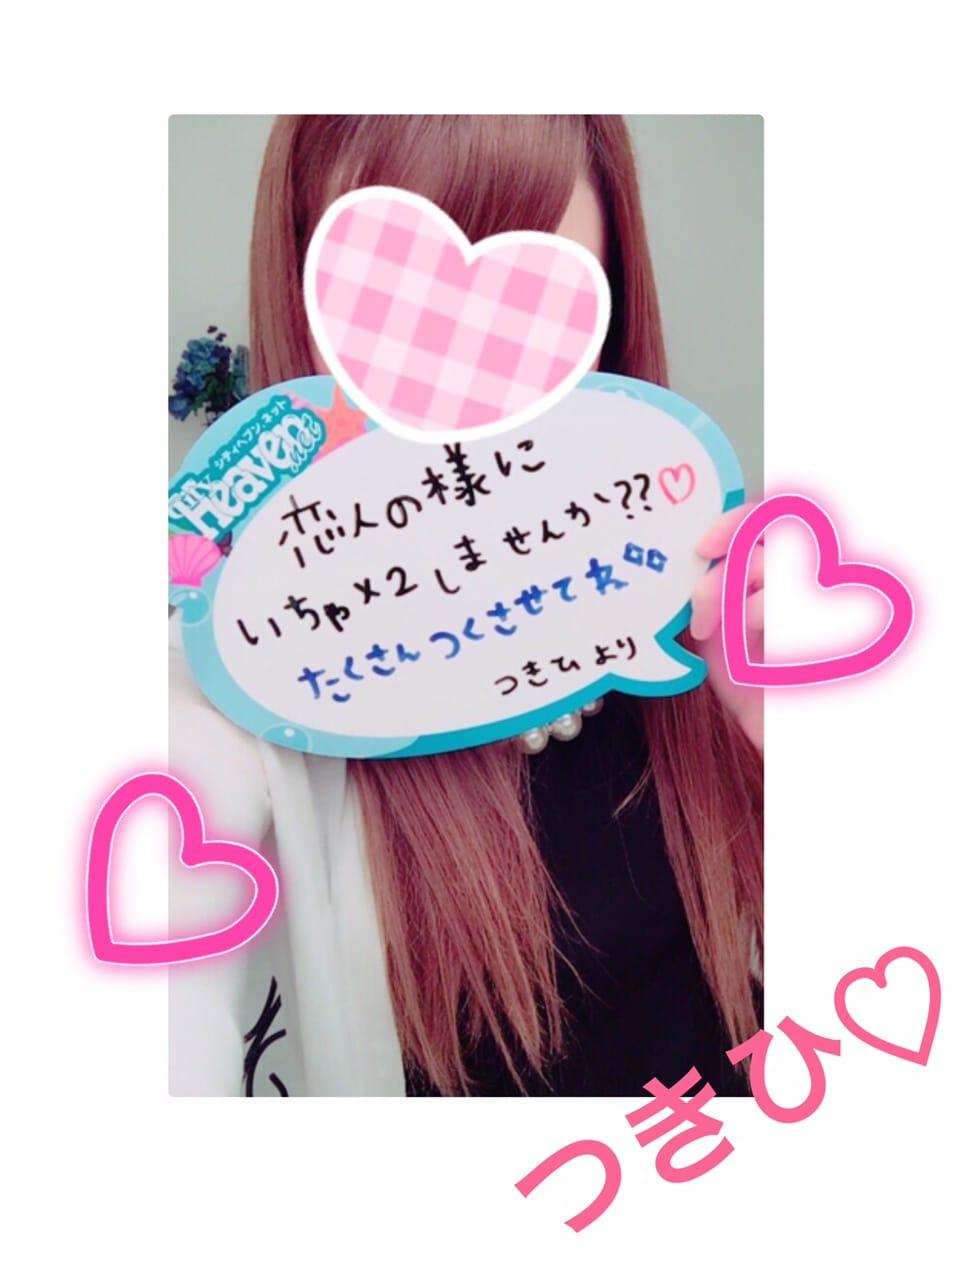 「つきひです♡」04/21(土) 21:04   ツキヒの写メ・風俗動画